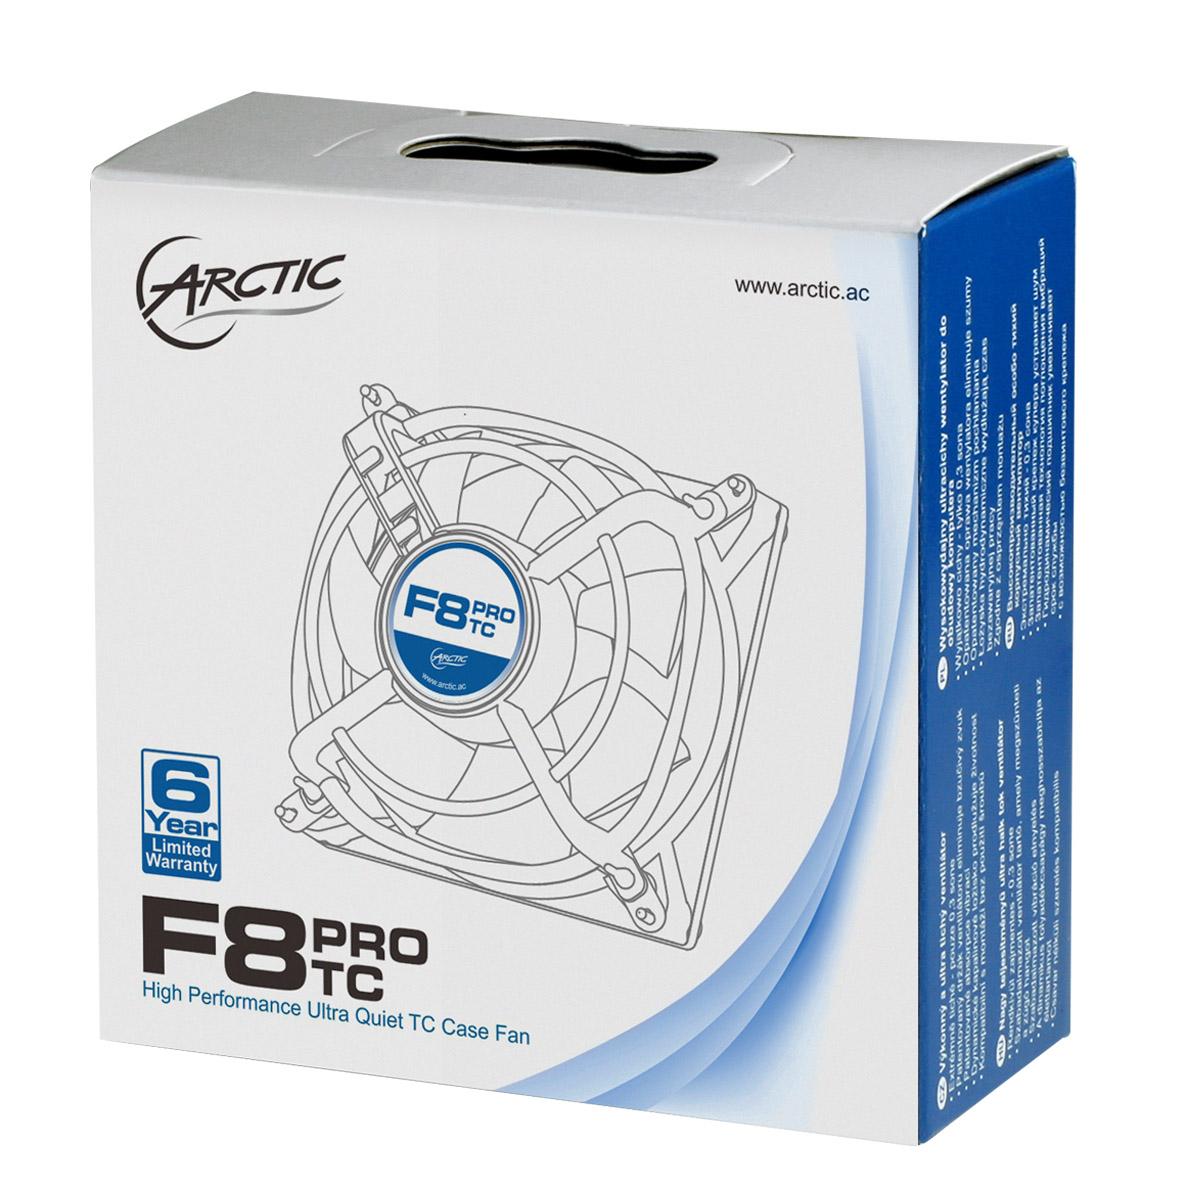 F8 Pro TC